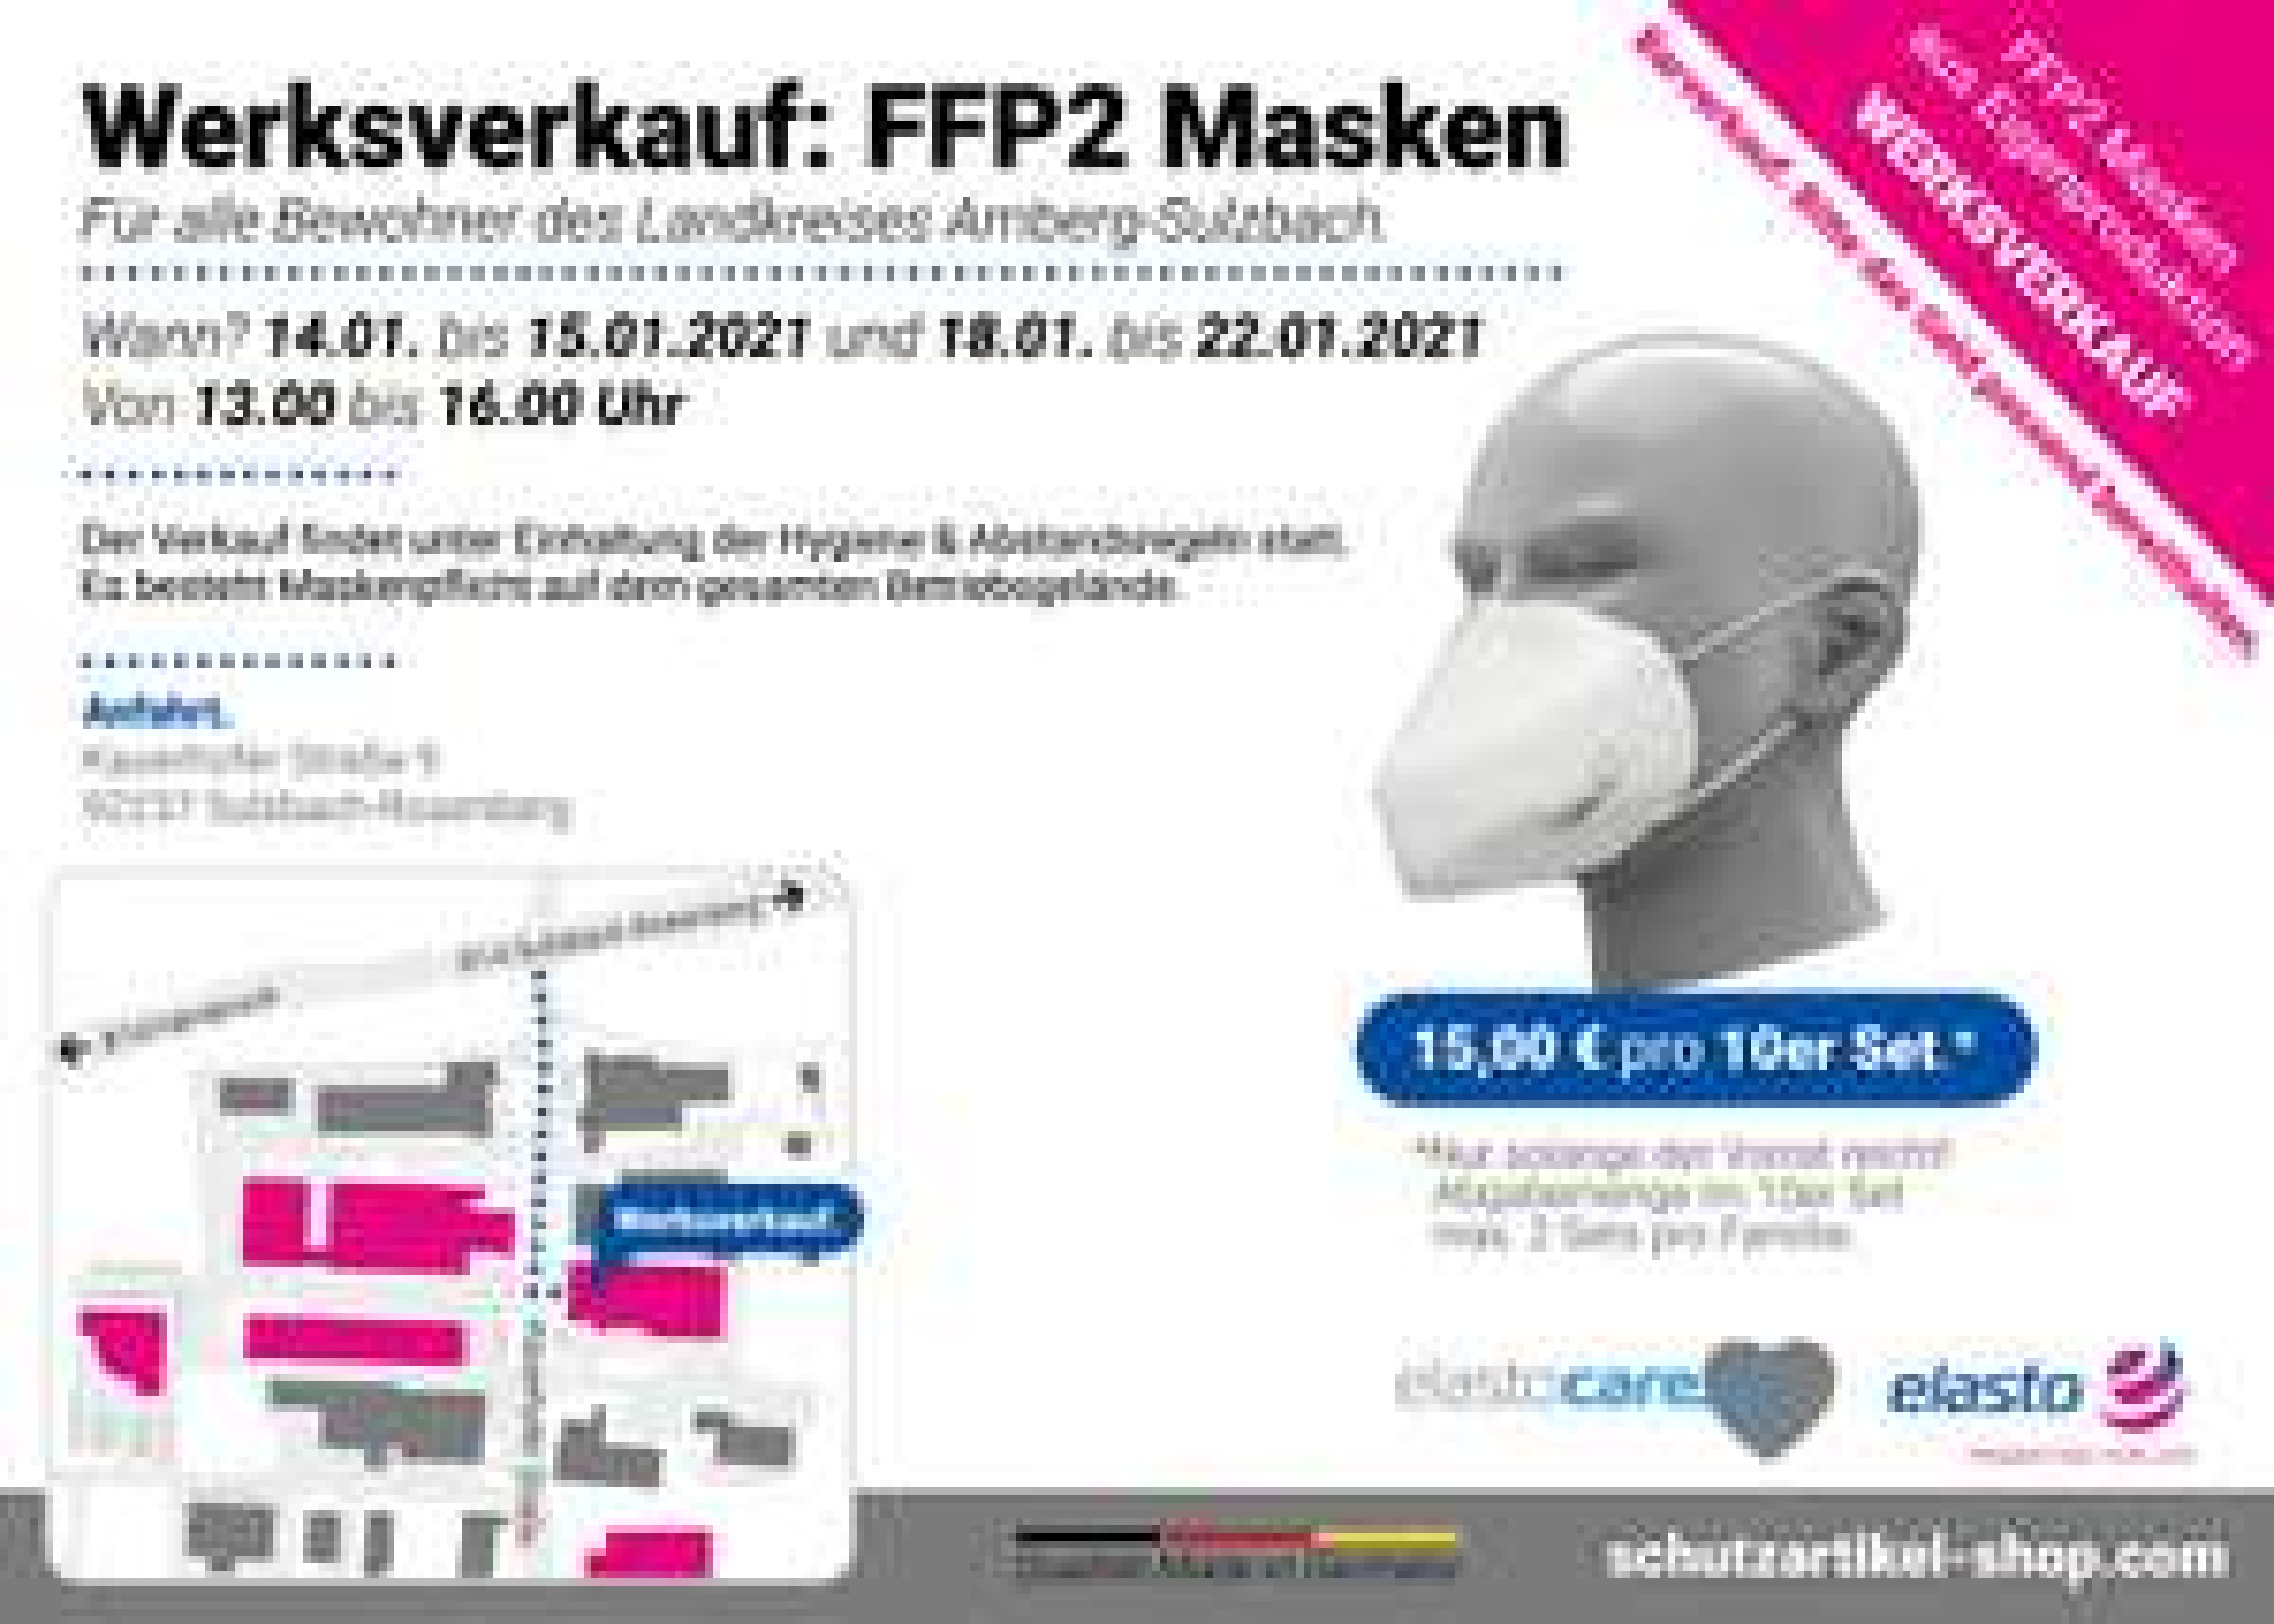 [lokal] Werksverkauf FFP2 Masken (10er Set) hergestellt und verkauft in Sulzbach-Rosenberg